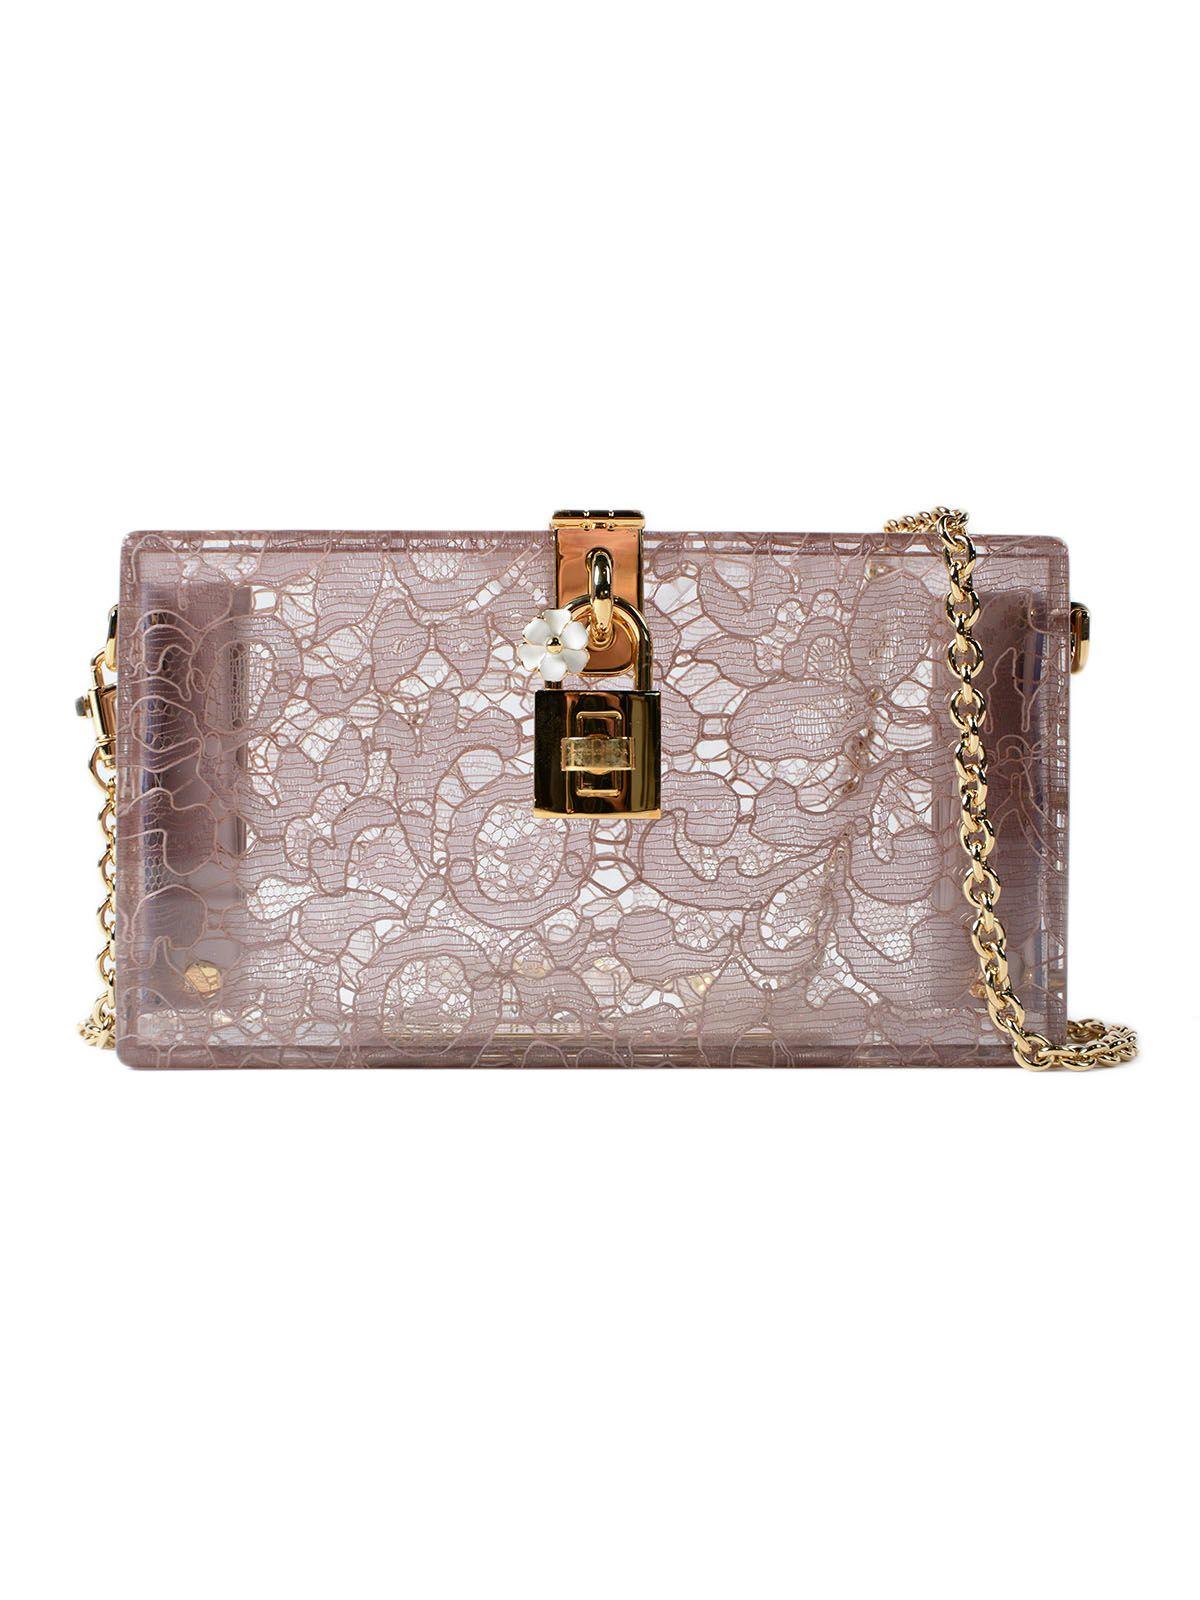 Dolce & Gabbana Plexi And Lace Clutch